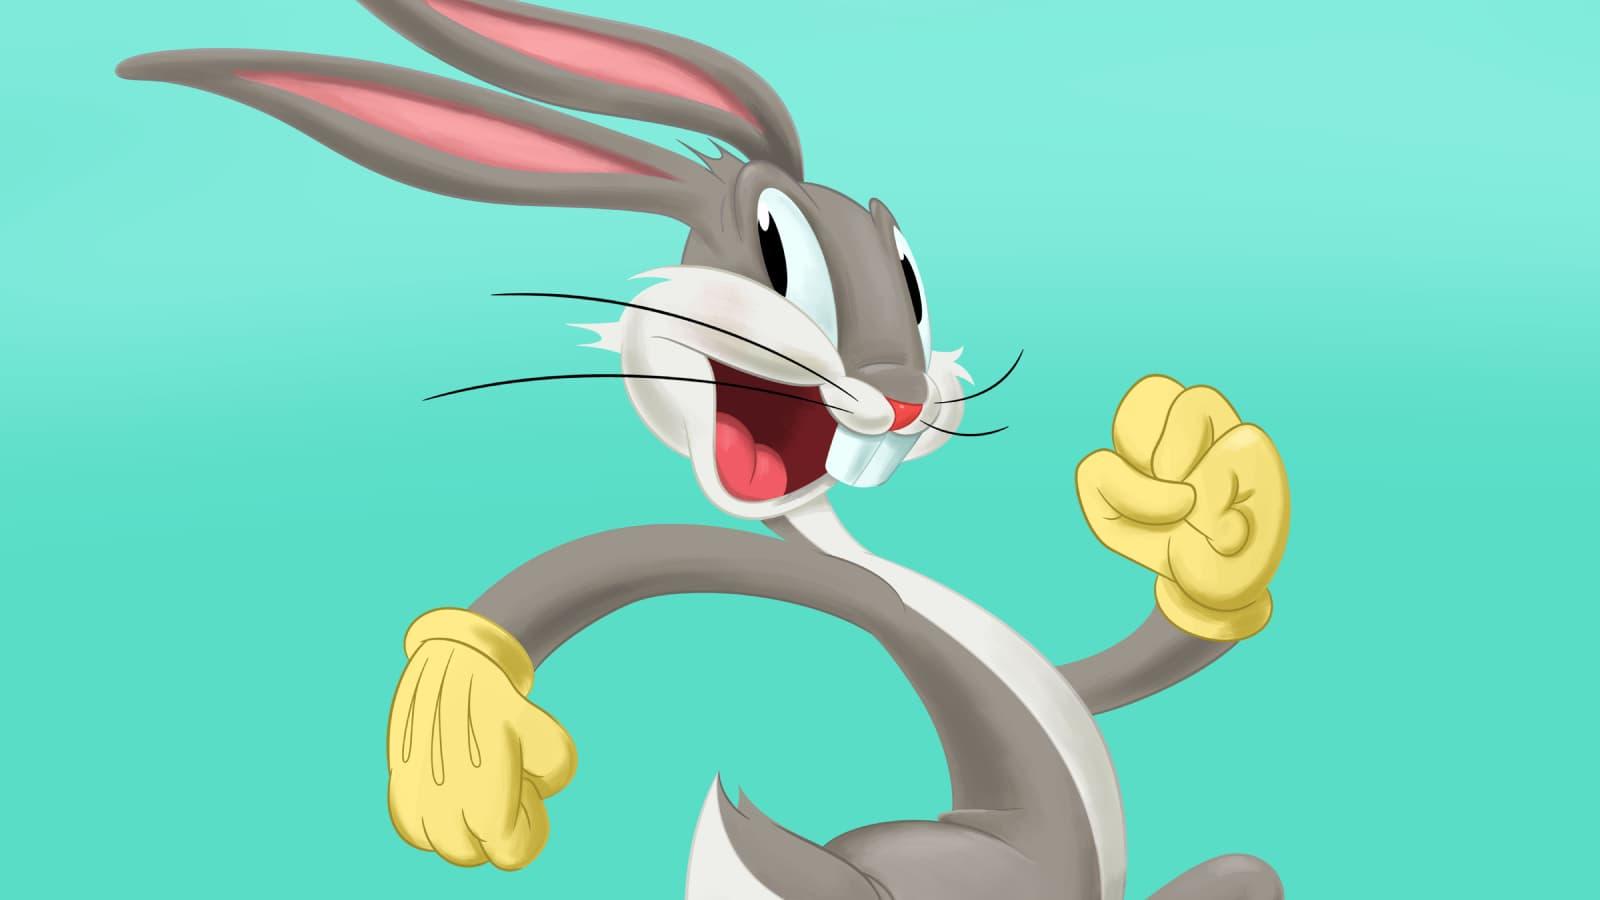 Quoi d'neuf, docteur ? Bugs Bunny prend le contrôle de Boomerang !